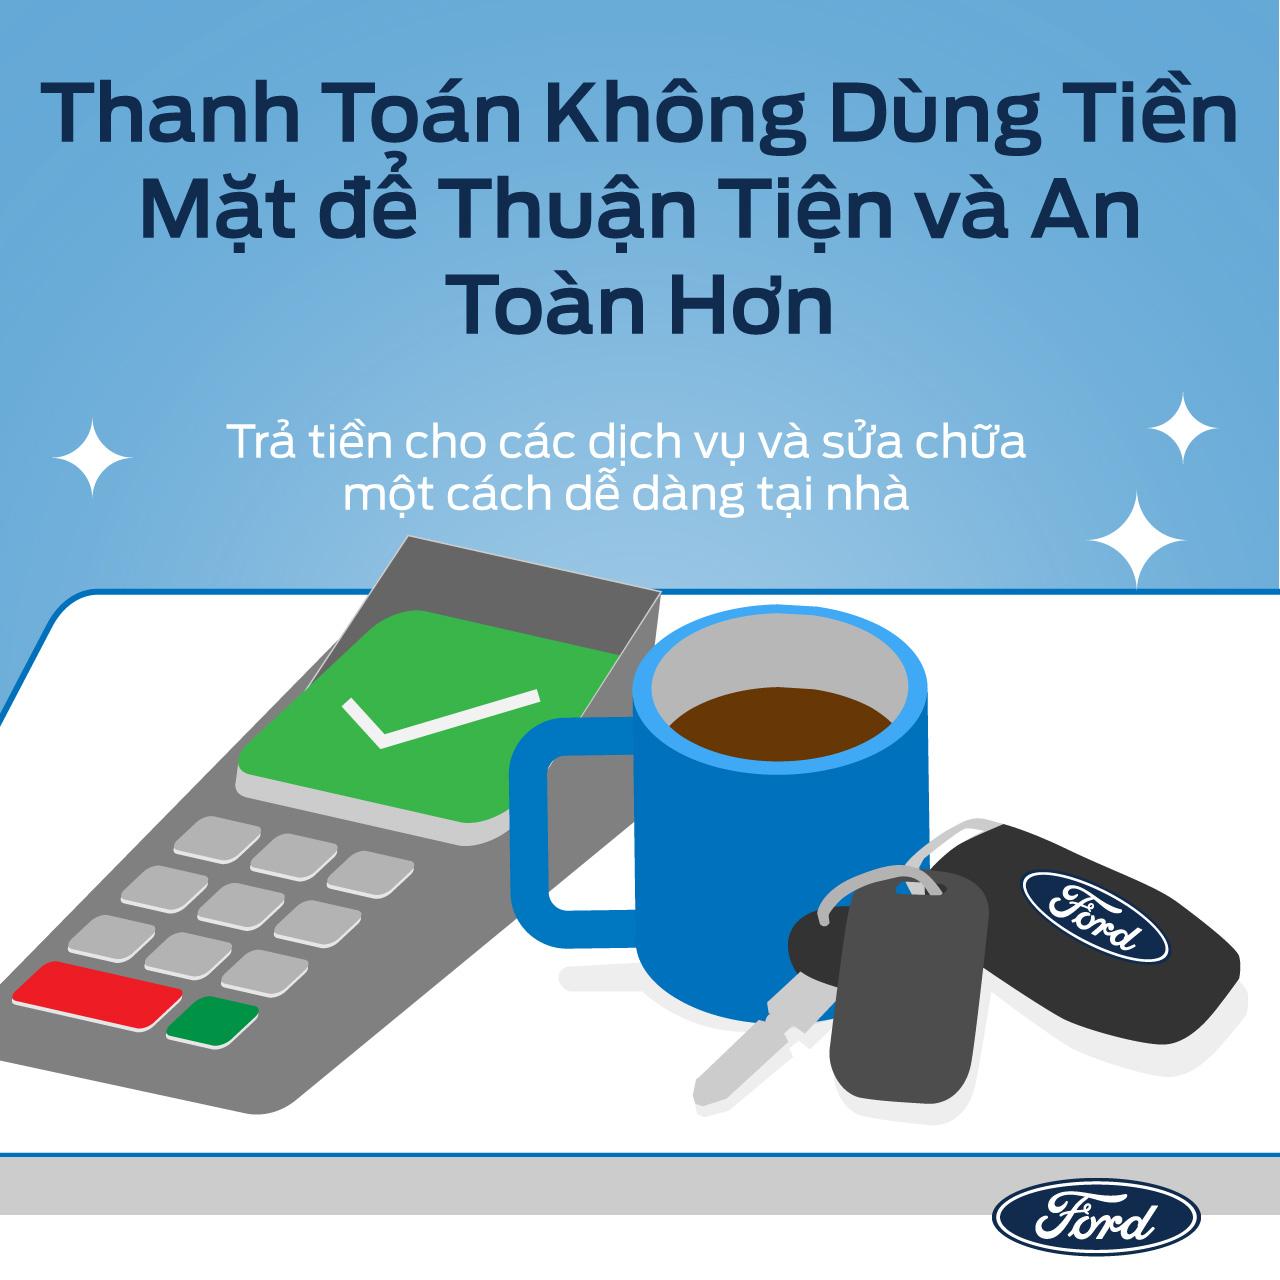 Ford Việt Nam triển khai các dịch vụ hỗ trợ khách hàng an toàn, hiệu quả và thuận tiện trong mùa dịch - 5